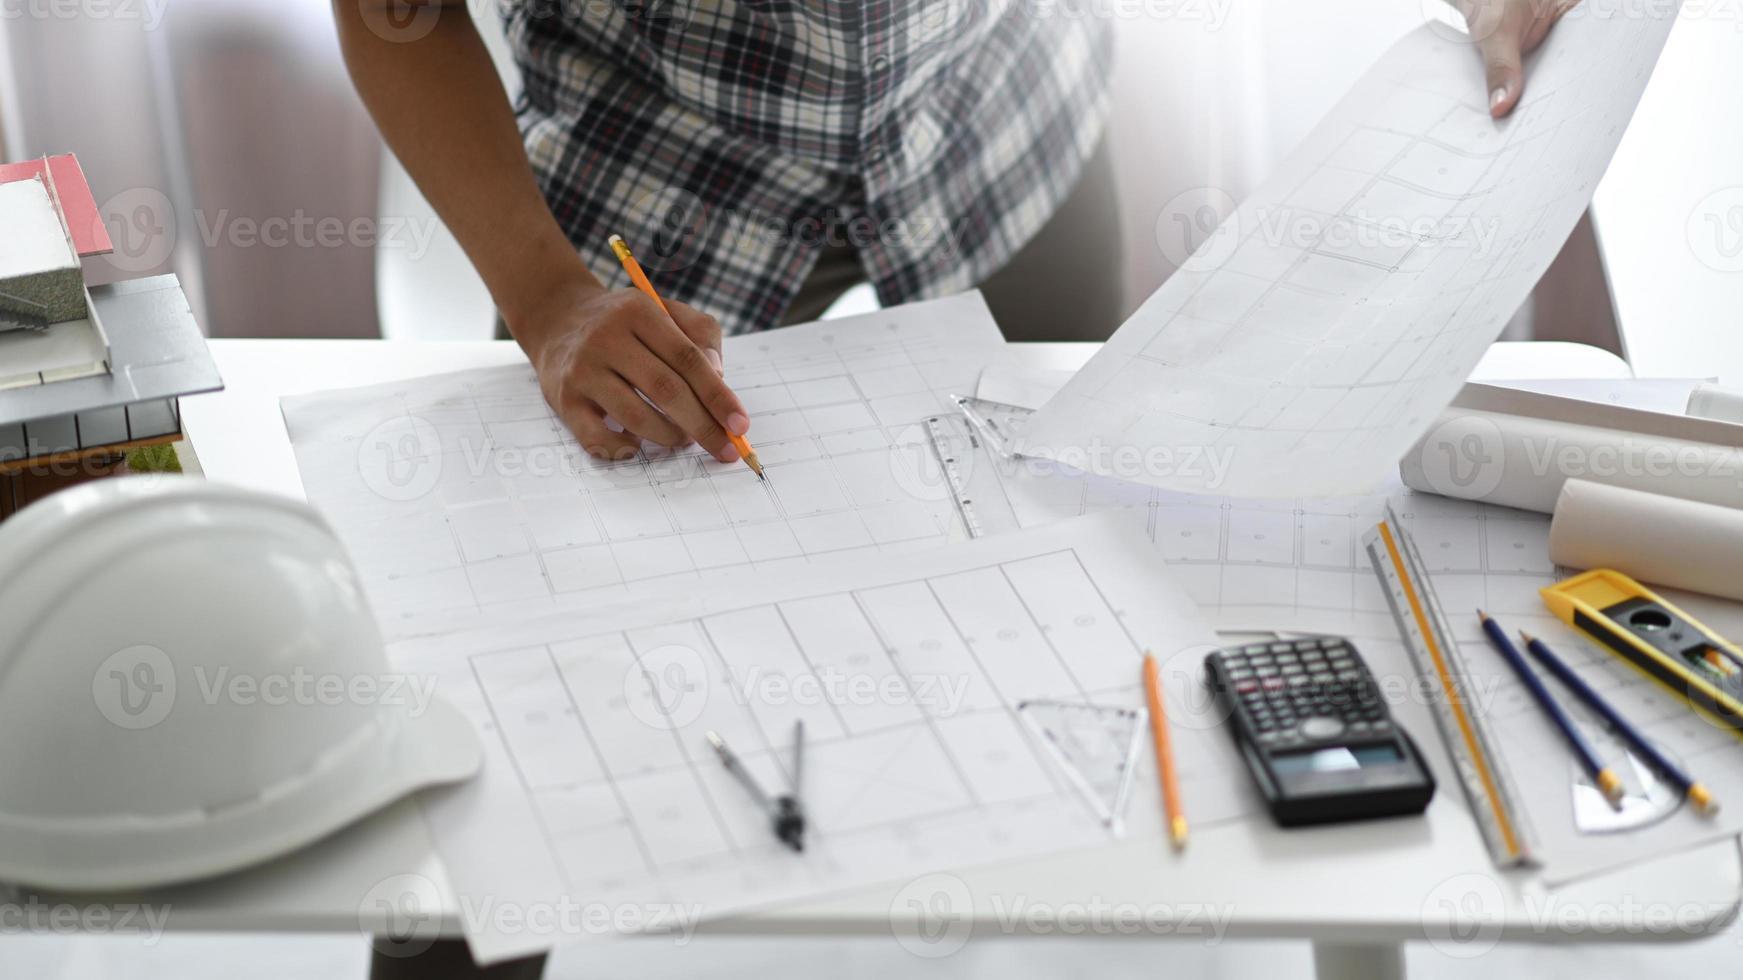 Designer-Mann, der einen Bleistift hält, der Hauspläne untersucht. foto